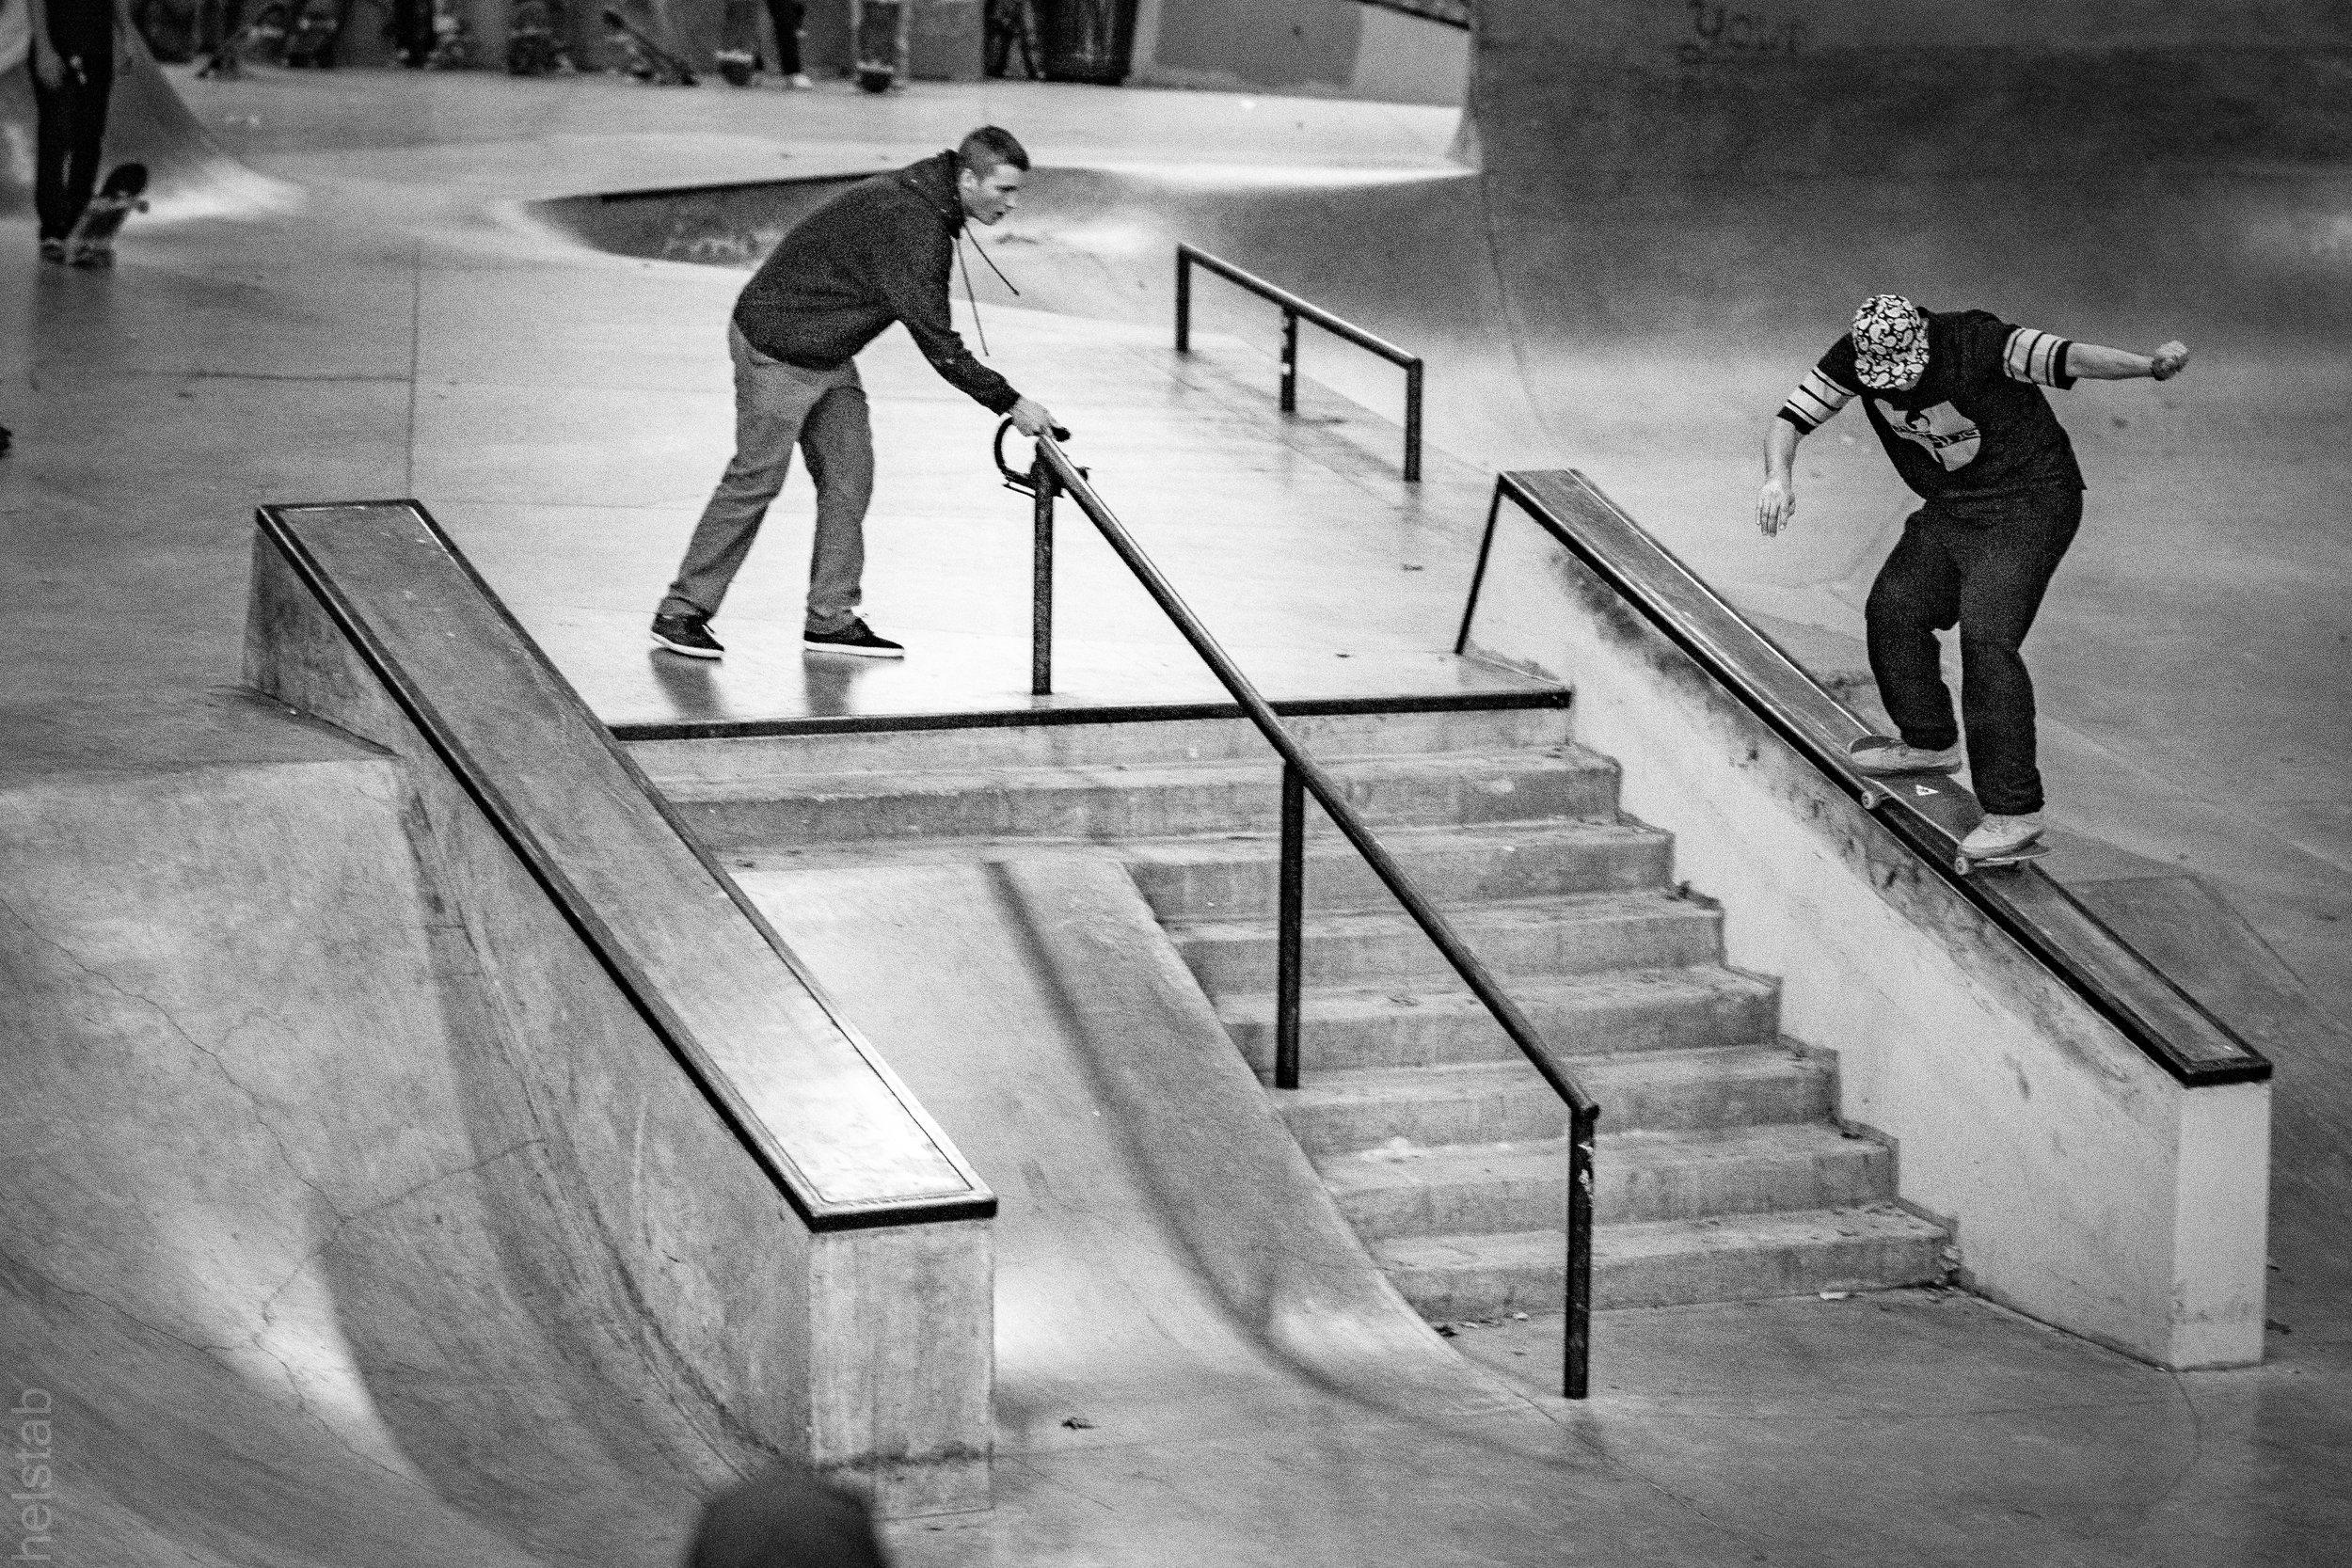 Ashley Marion - Bs 50-50 - Photo. Matt Helstab